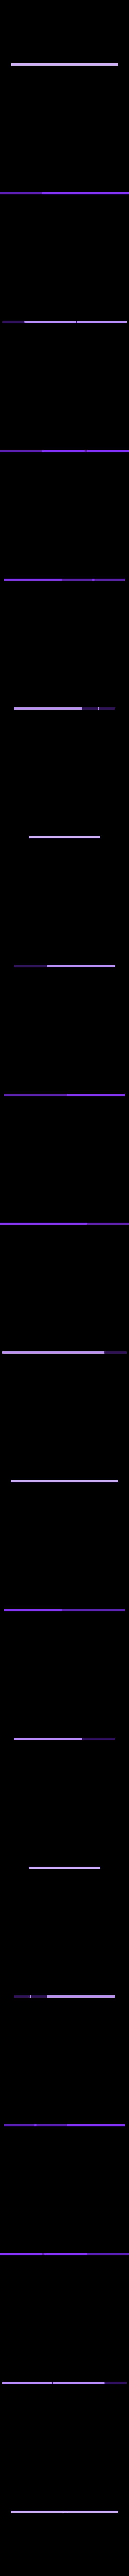 Face arrière - Back side.stl Télécharger fichier STL Support Lithophanie grecque antique / Ancient Greek Lithophanie support • Design imprimable en 3D, Stendy